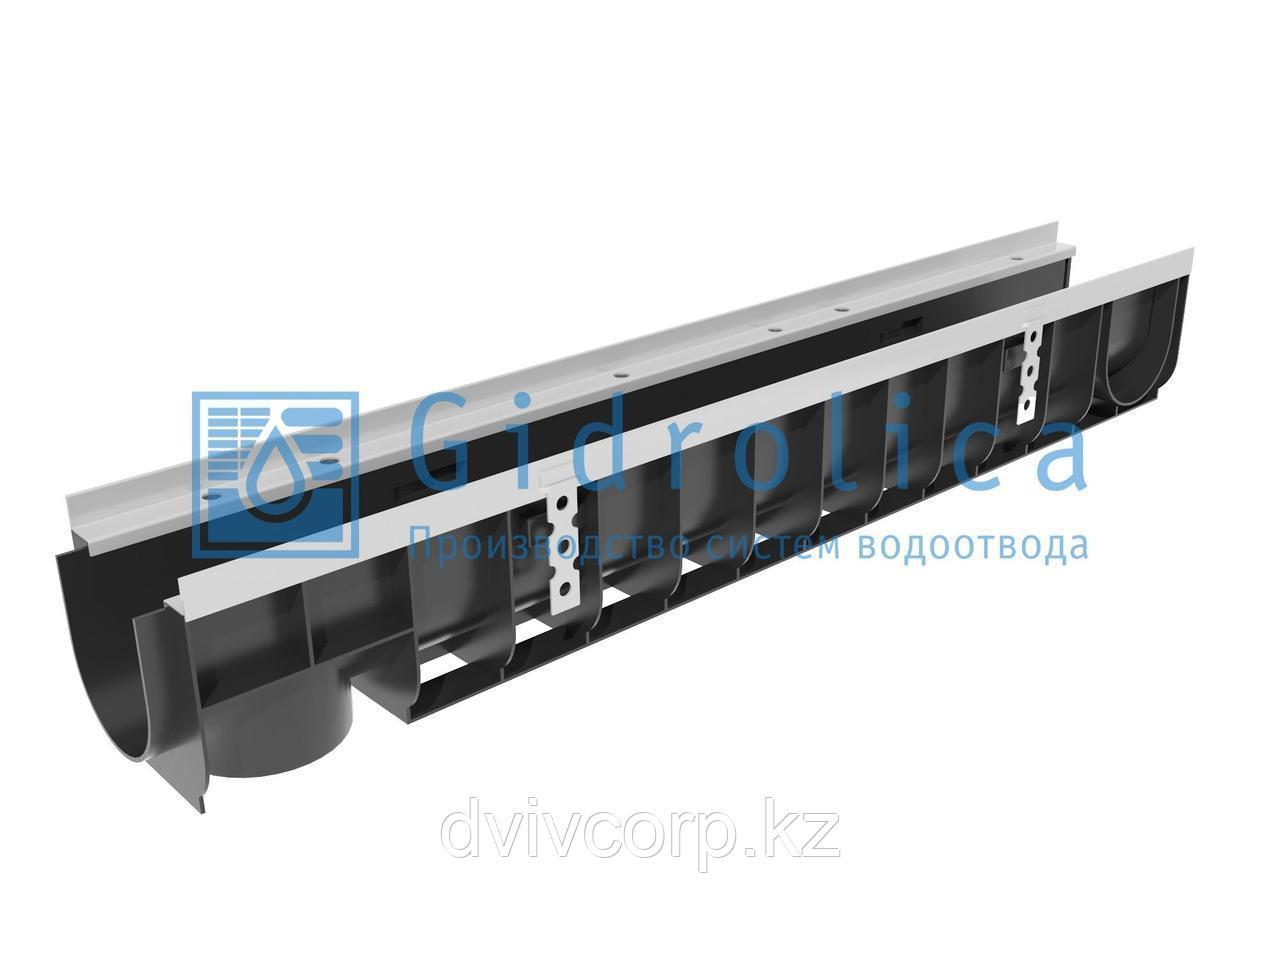 Арт. 0800 Лоток водоотводный Gidrolica Super ЛВ -10.14,5.15,5 - пластиковый, кл. Е600